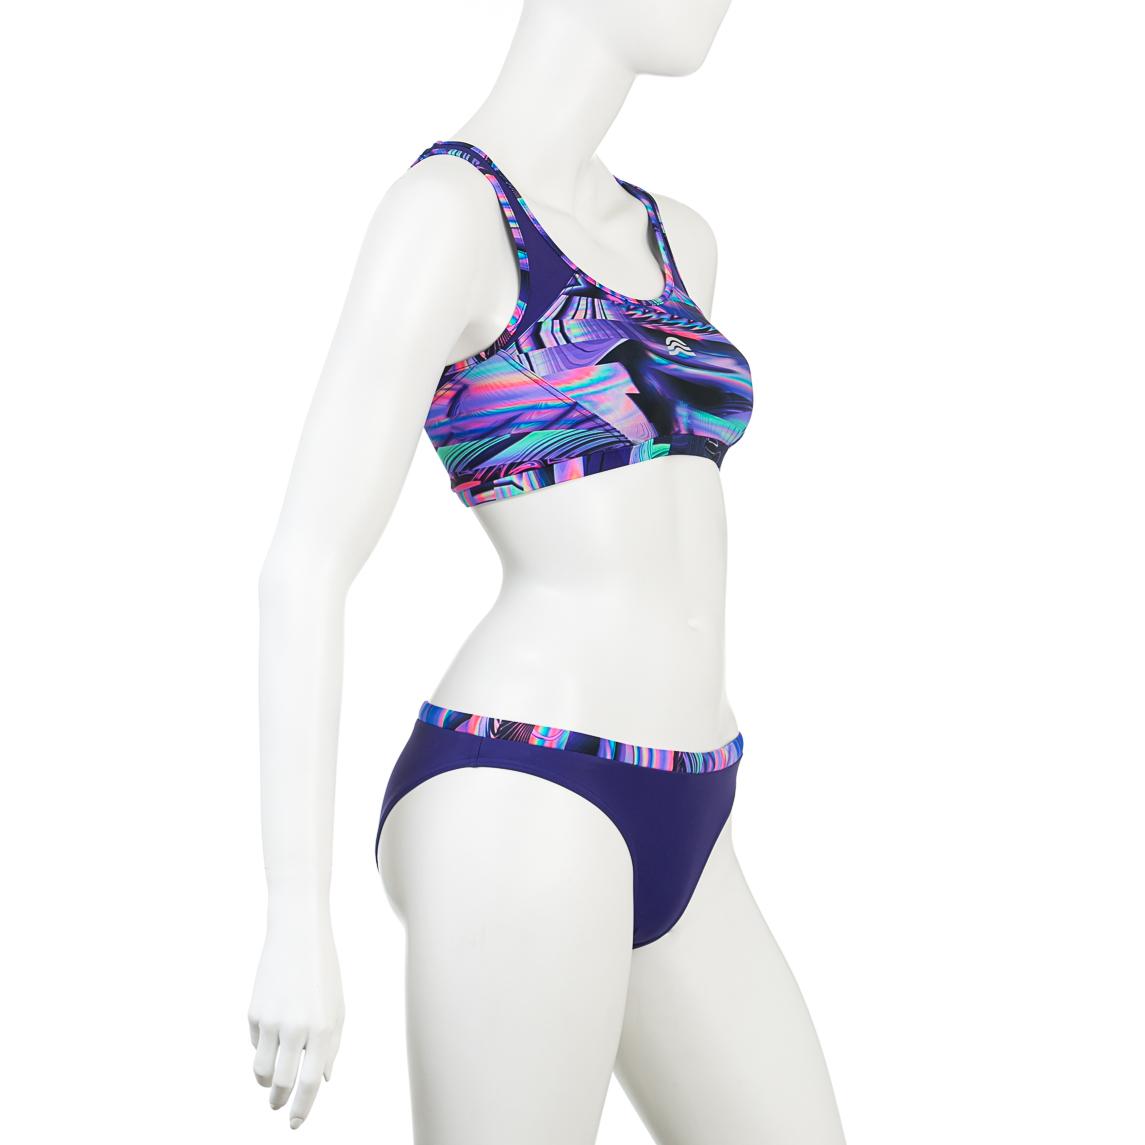 Astry ei costume donna due pezzi aquarapid shop online for Costume piscina 2 pezzi